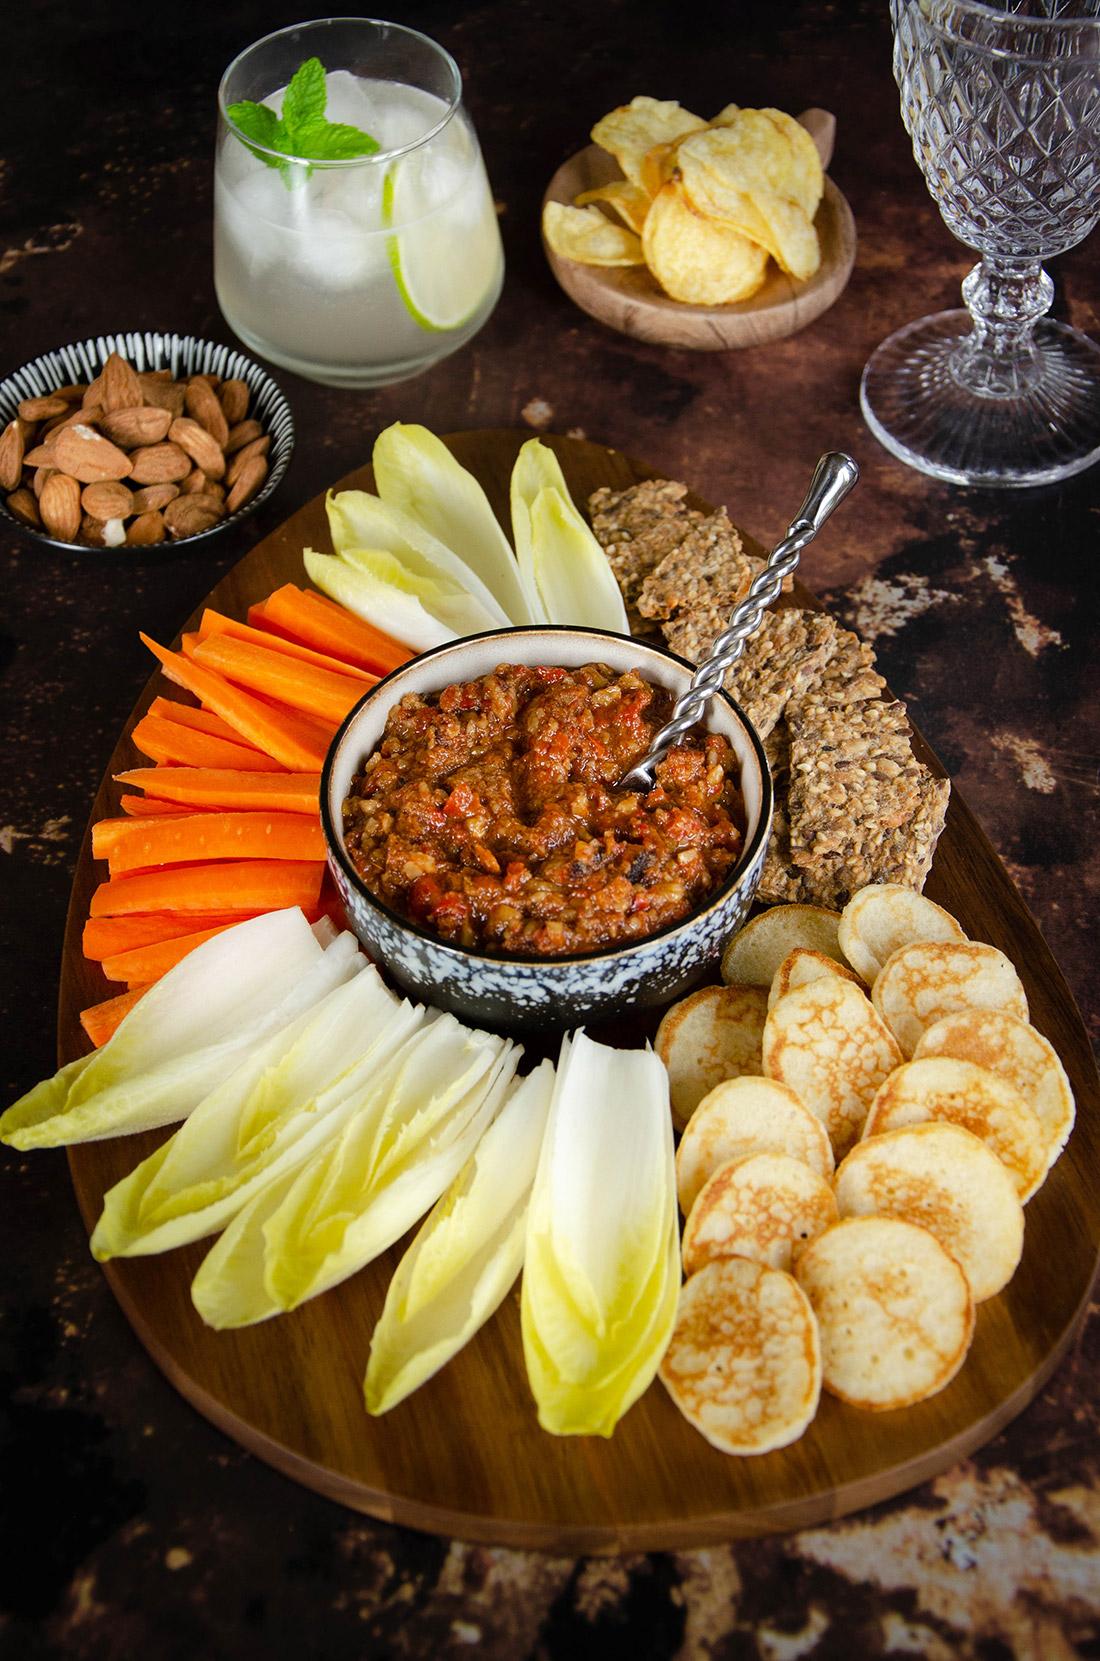 muhammarah maison, une tartinade aux poivrons et aux noix à servir à l'apéritif